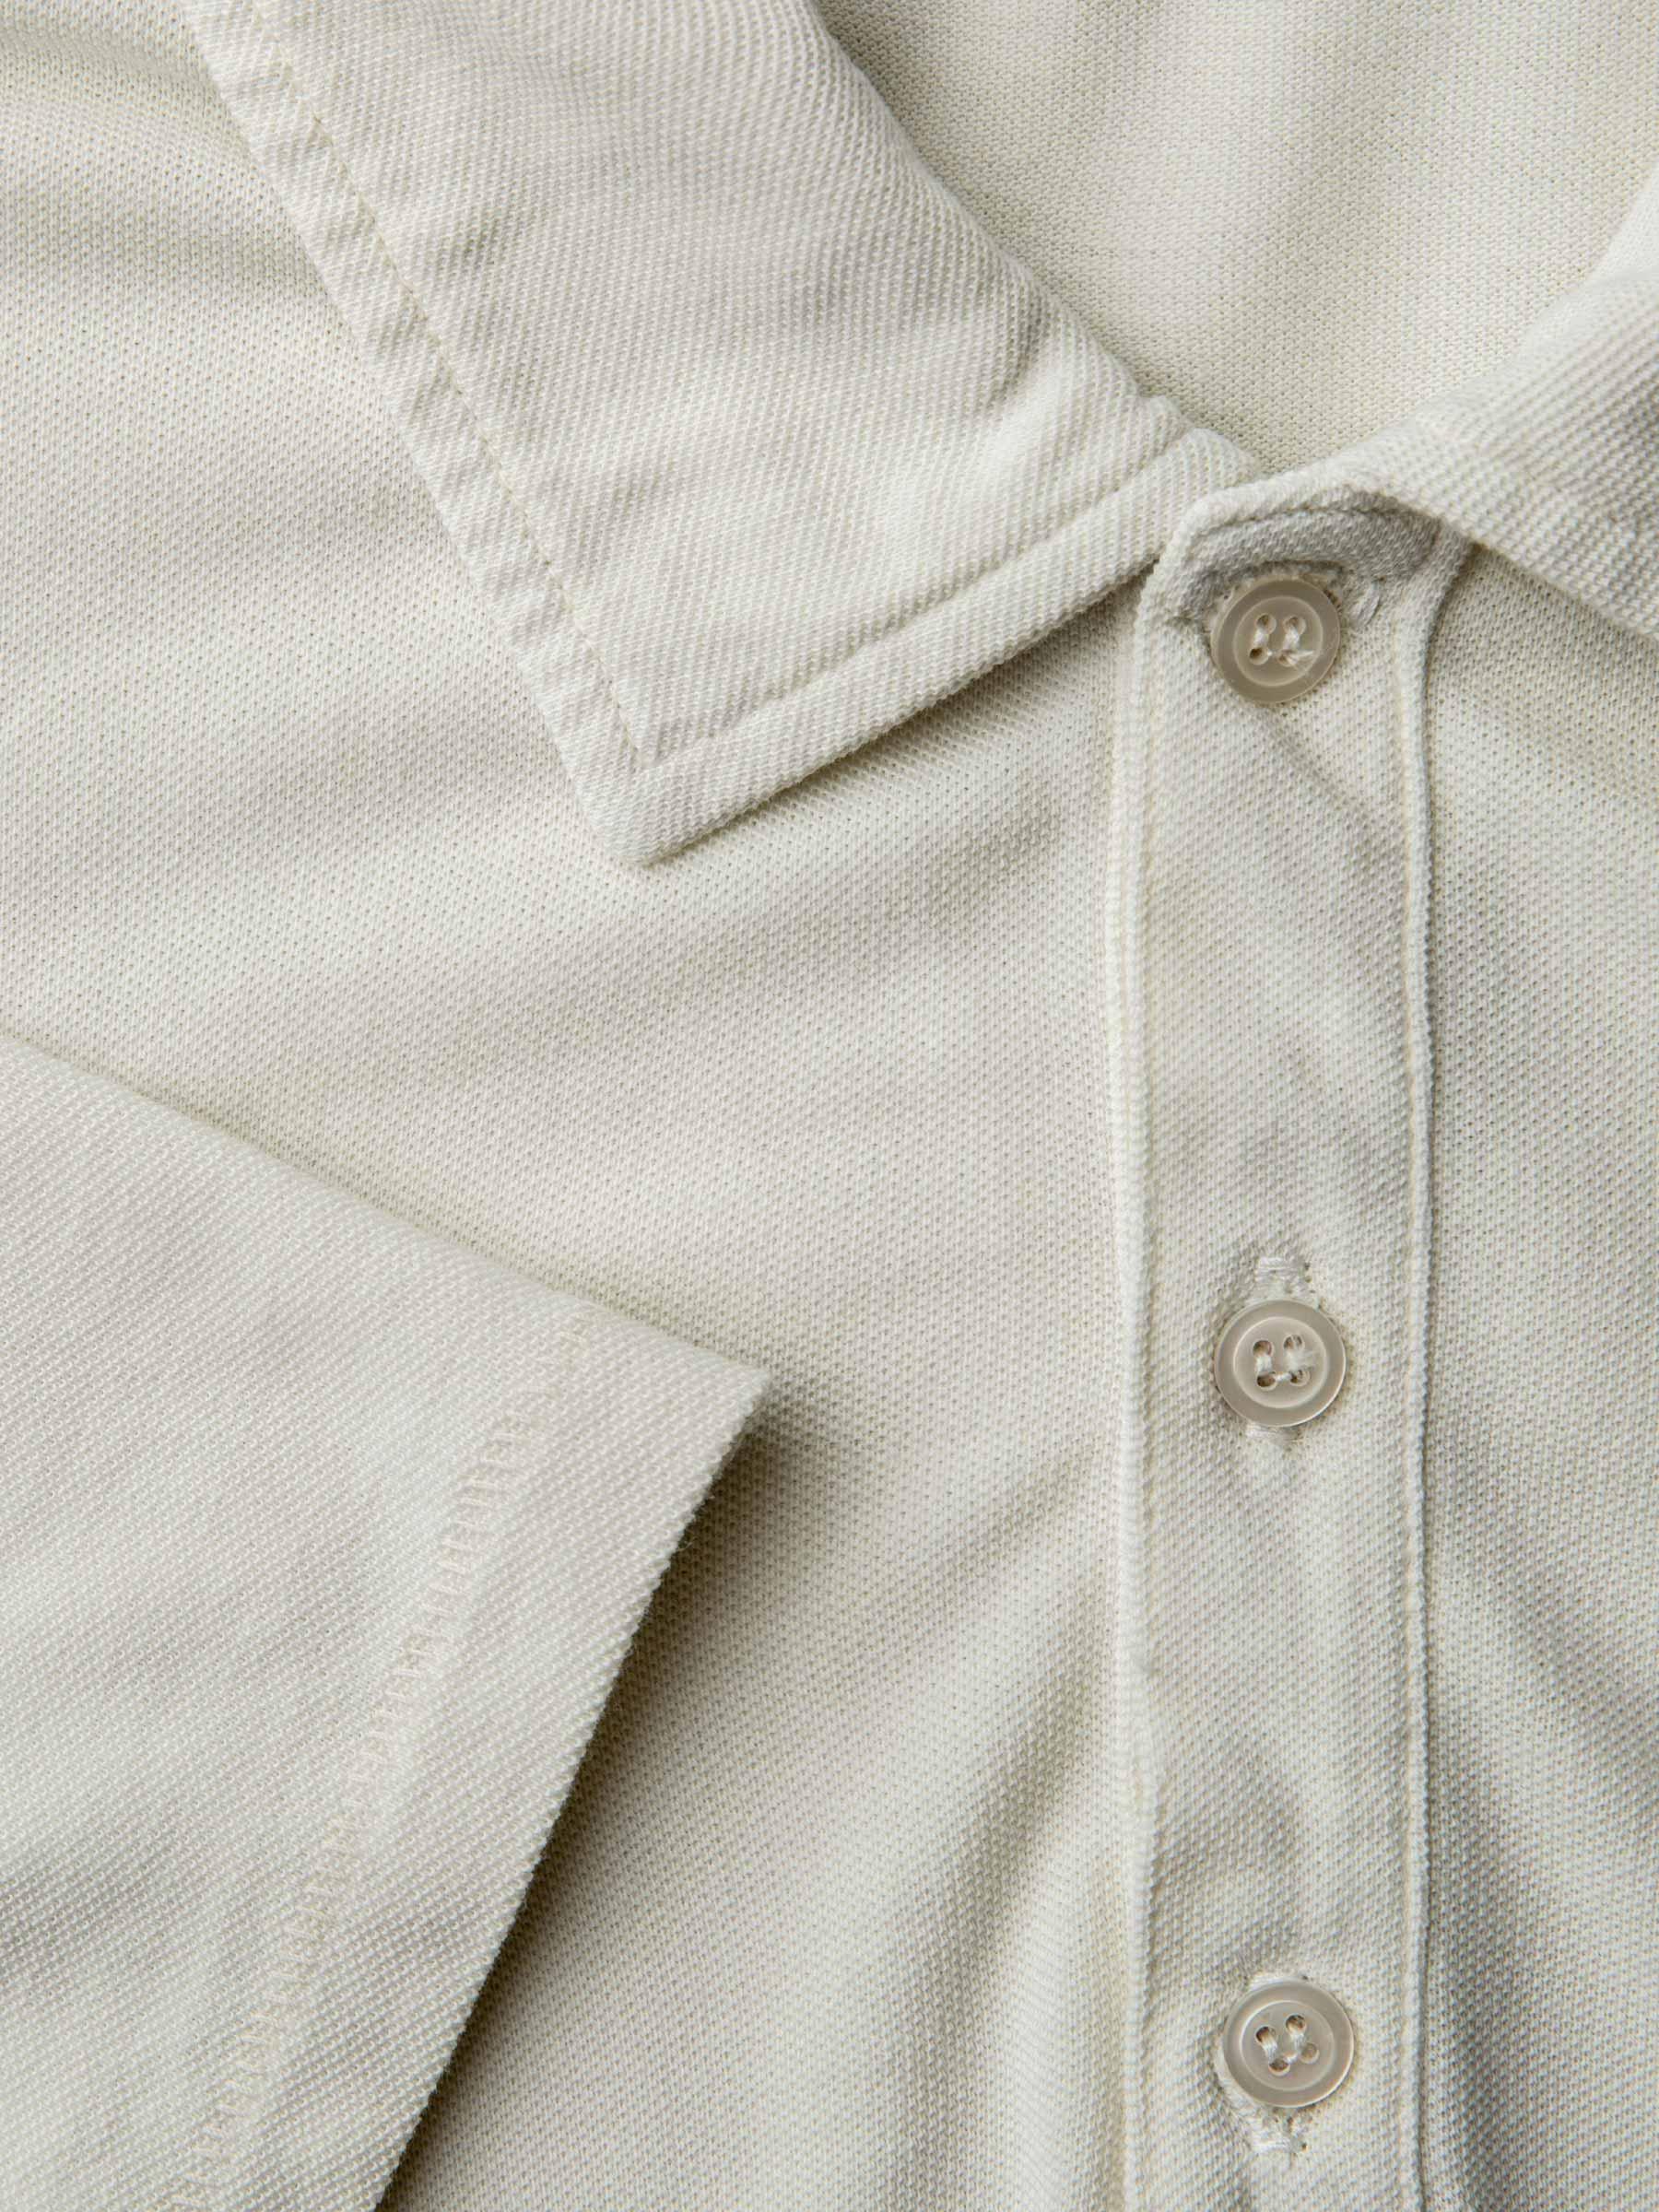 Buck Mason - Faded Black Pique Polo Shirt